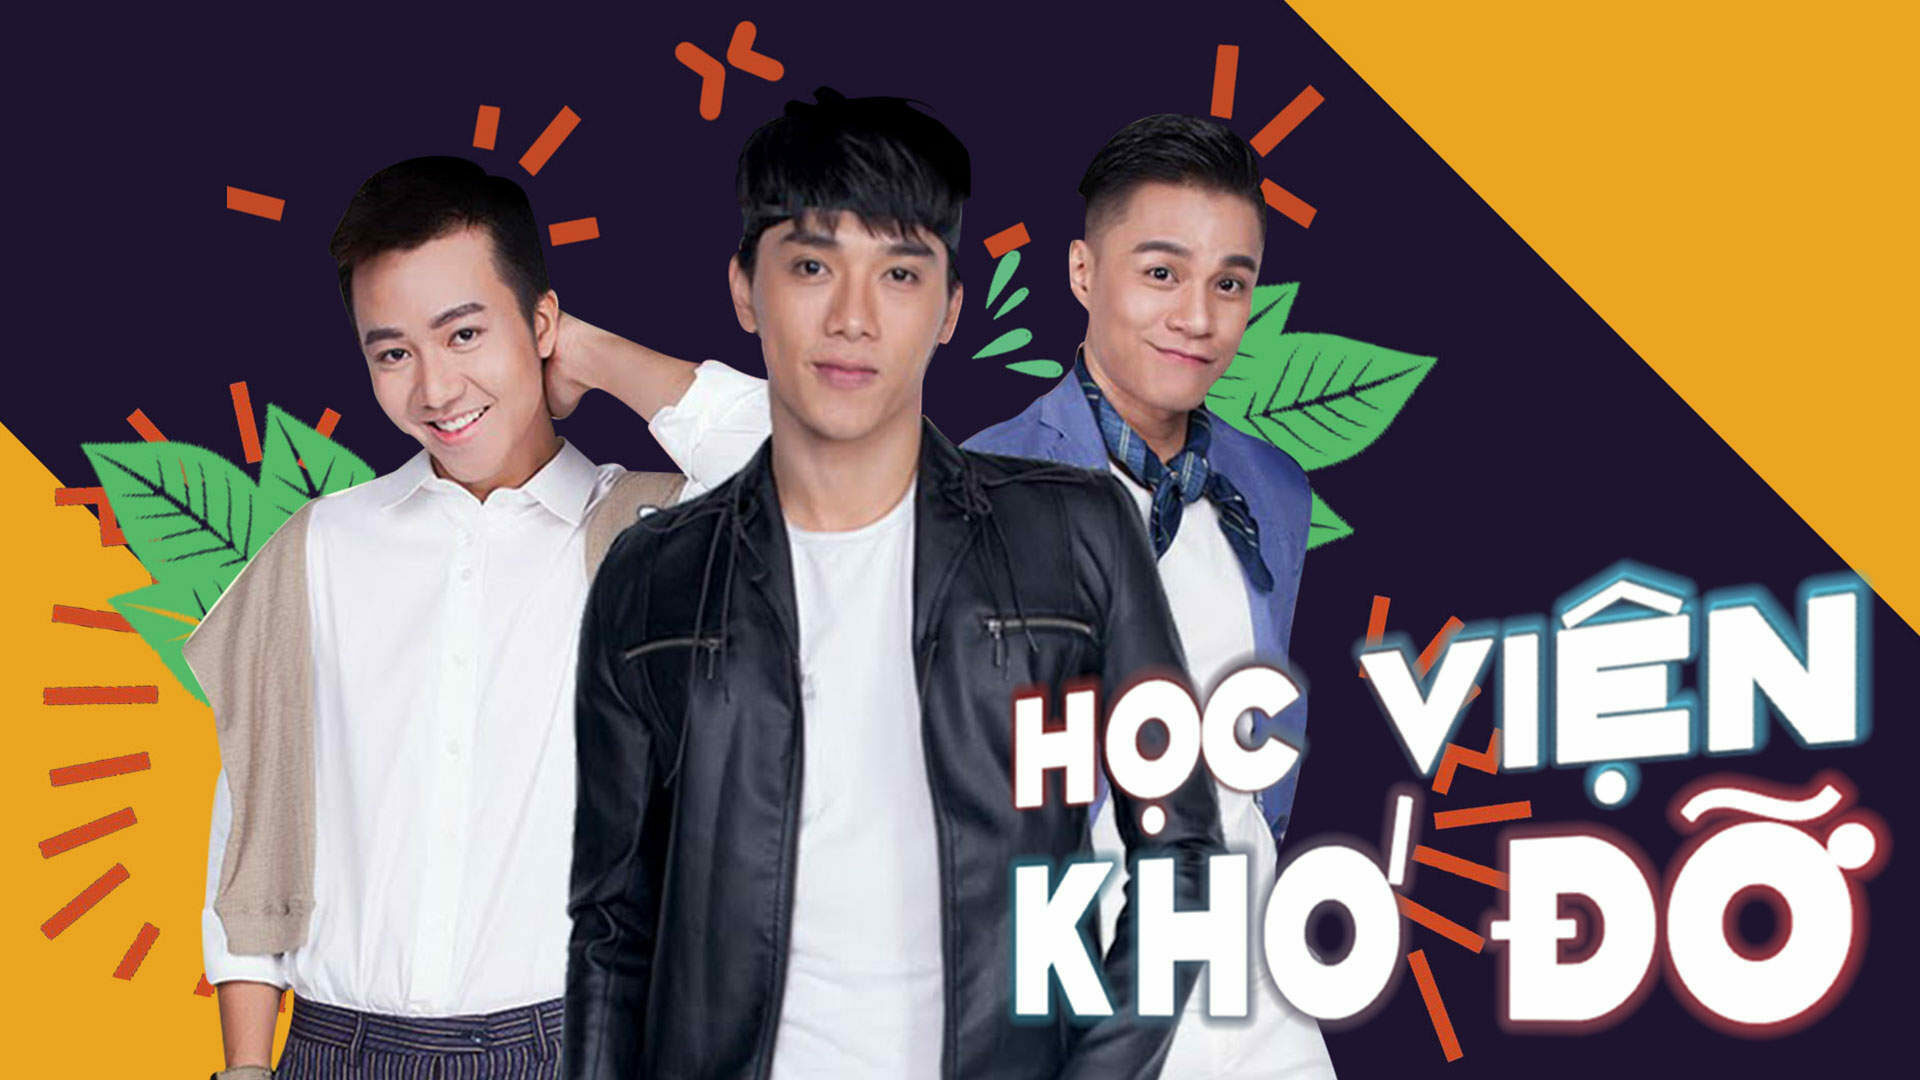 các phim hài Việt Nam hay nhất hiện tại